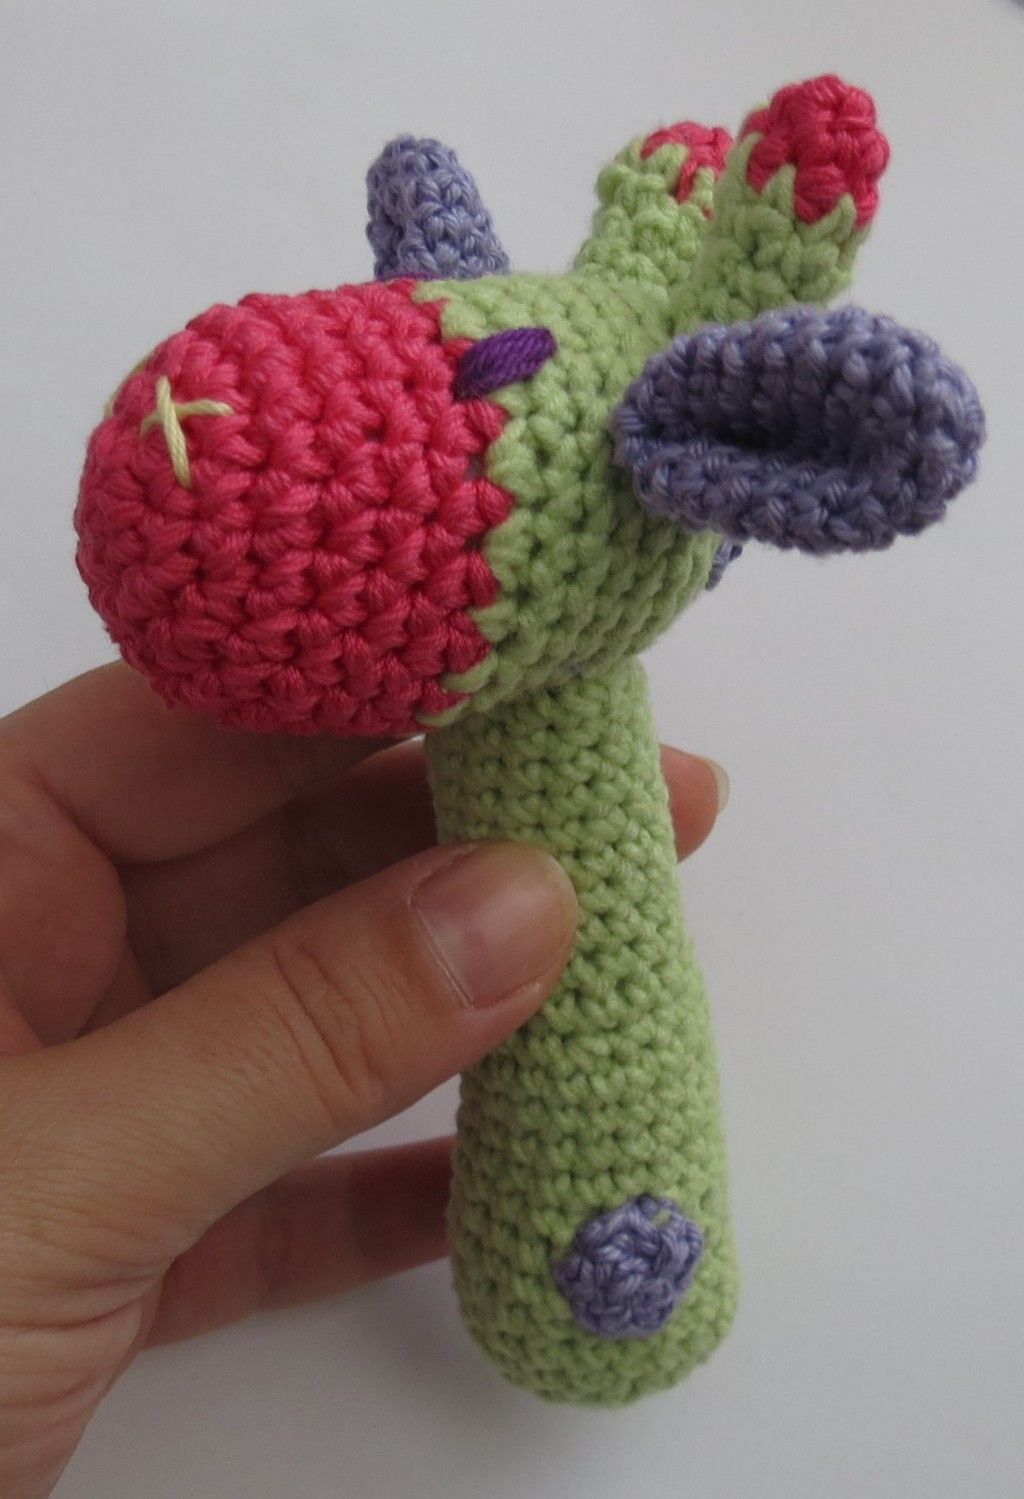 Diy Free Crochet Pattern Of A Giraffe Like Baby Rattle Crochet